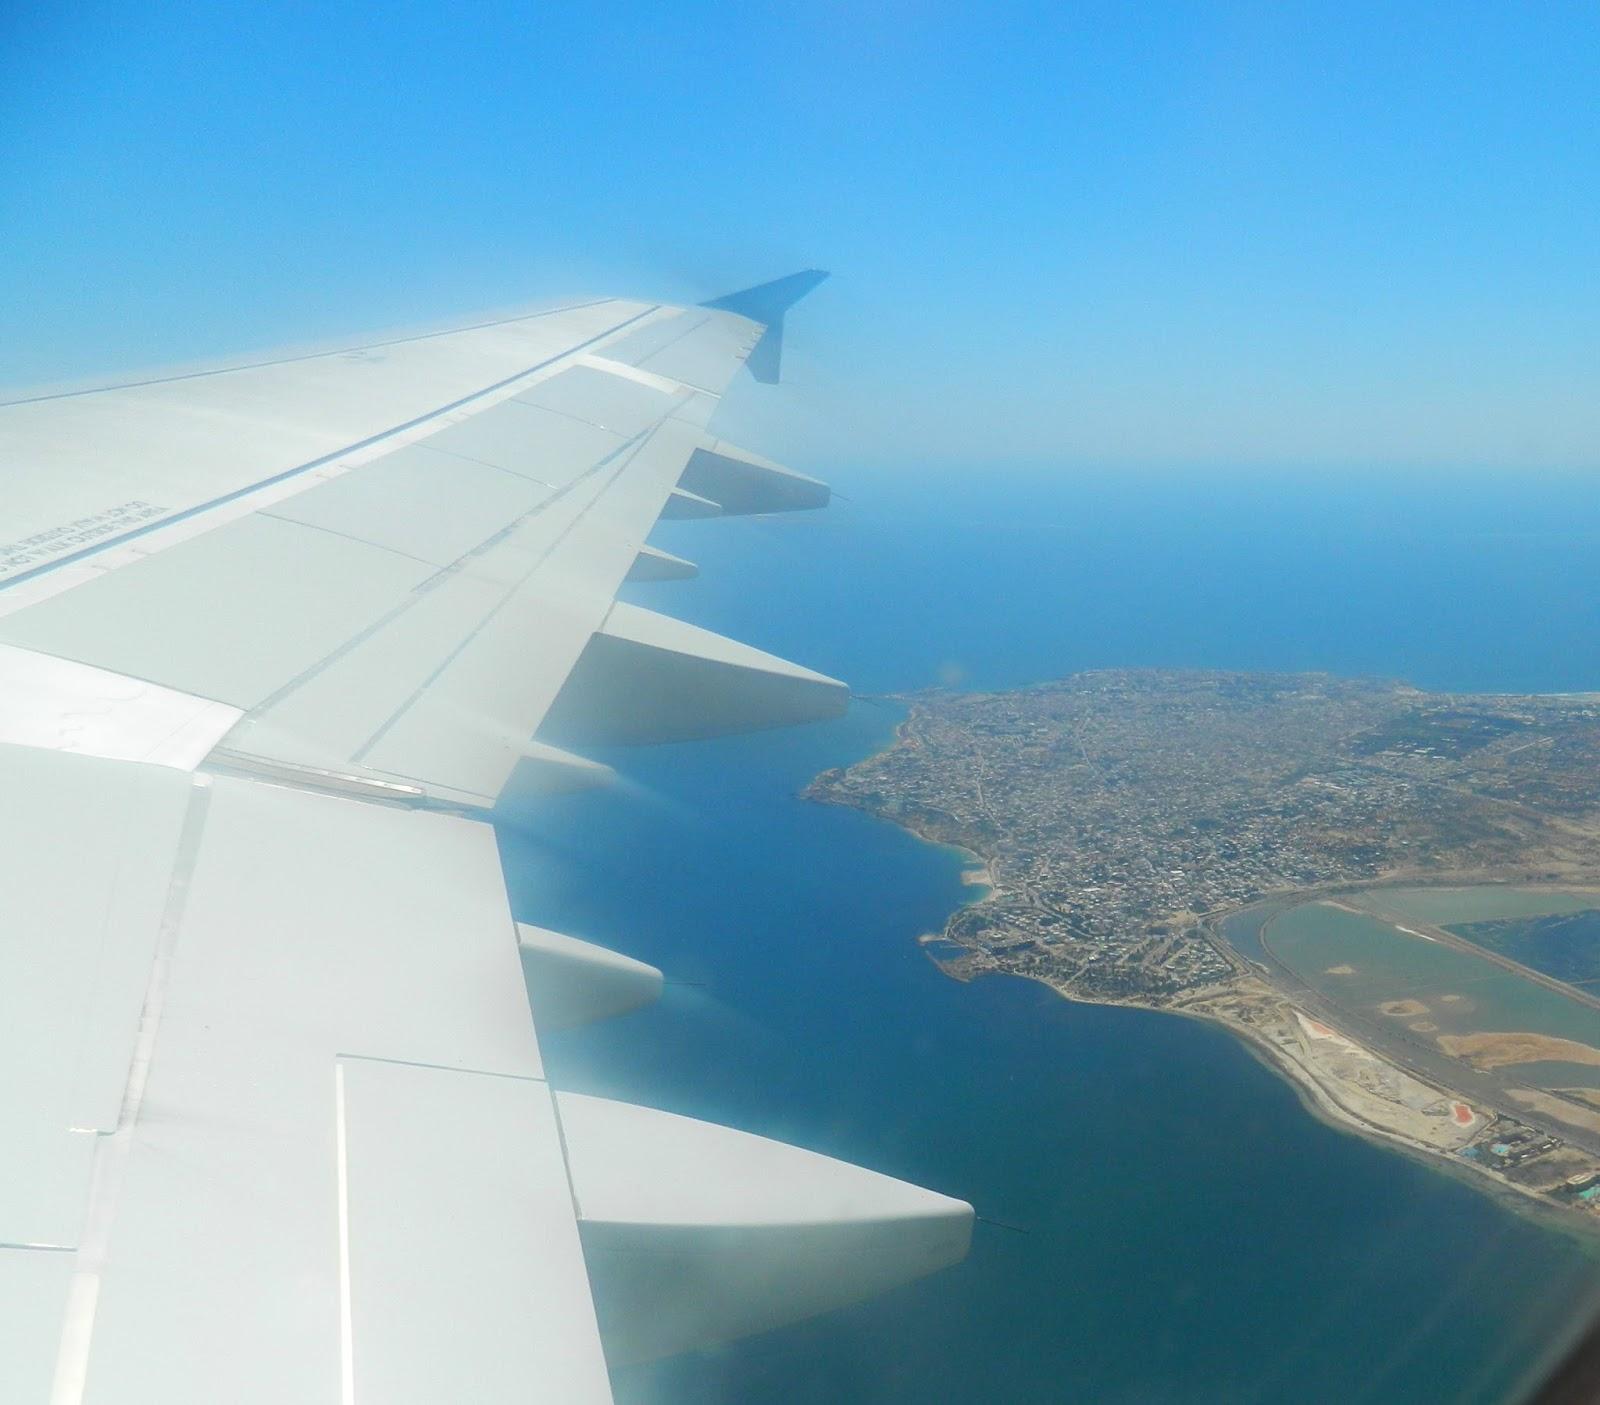 Planescape - Tunisia 2014